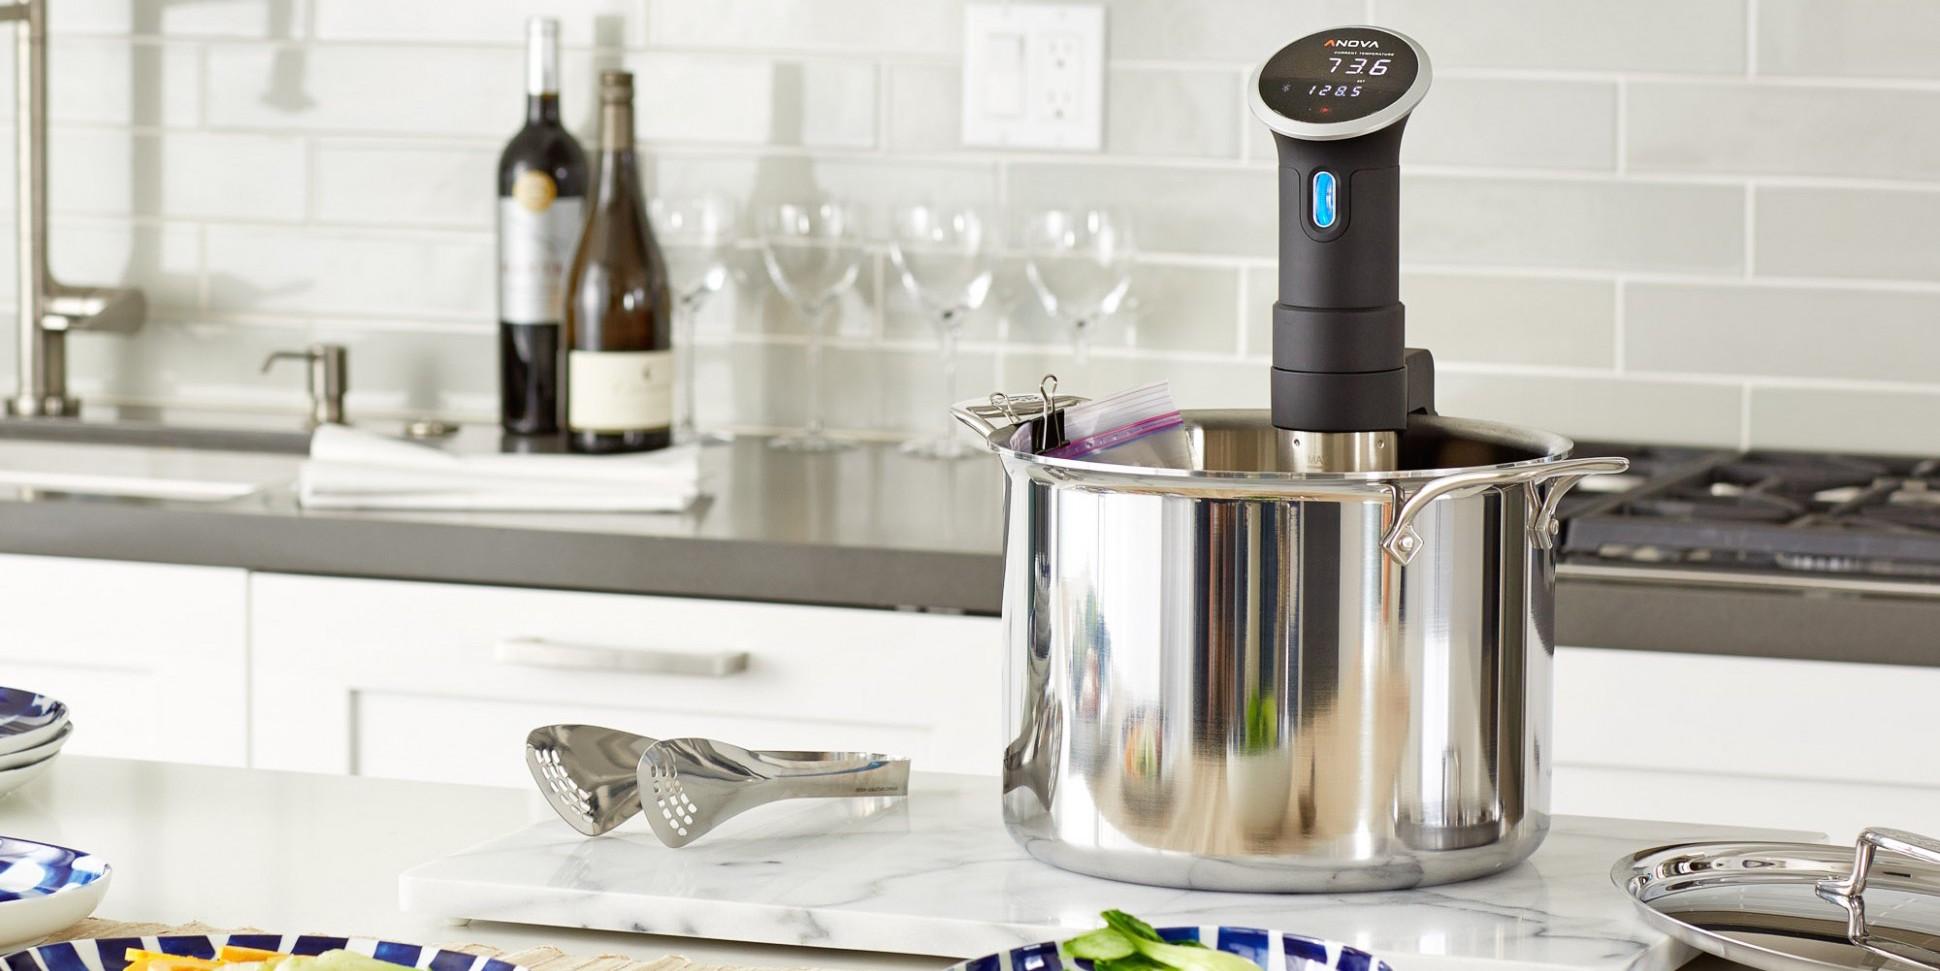 Anova Precision Cooker-sale-01